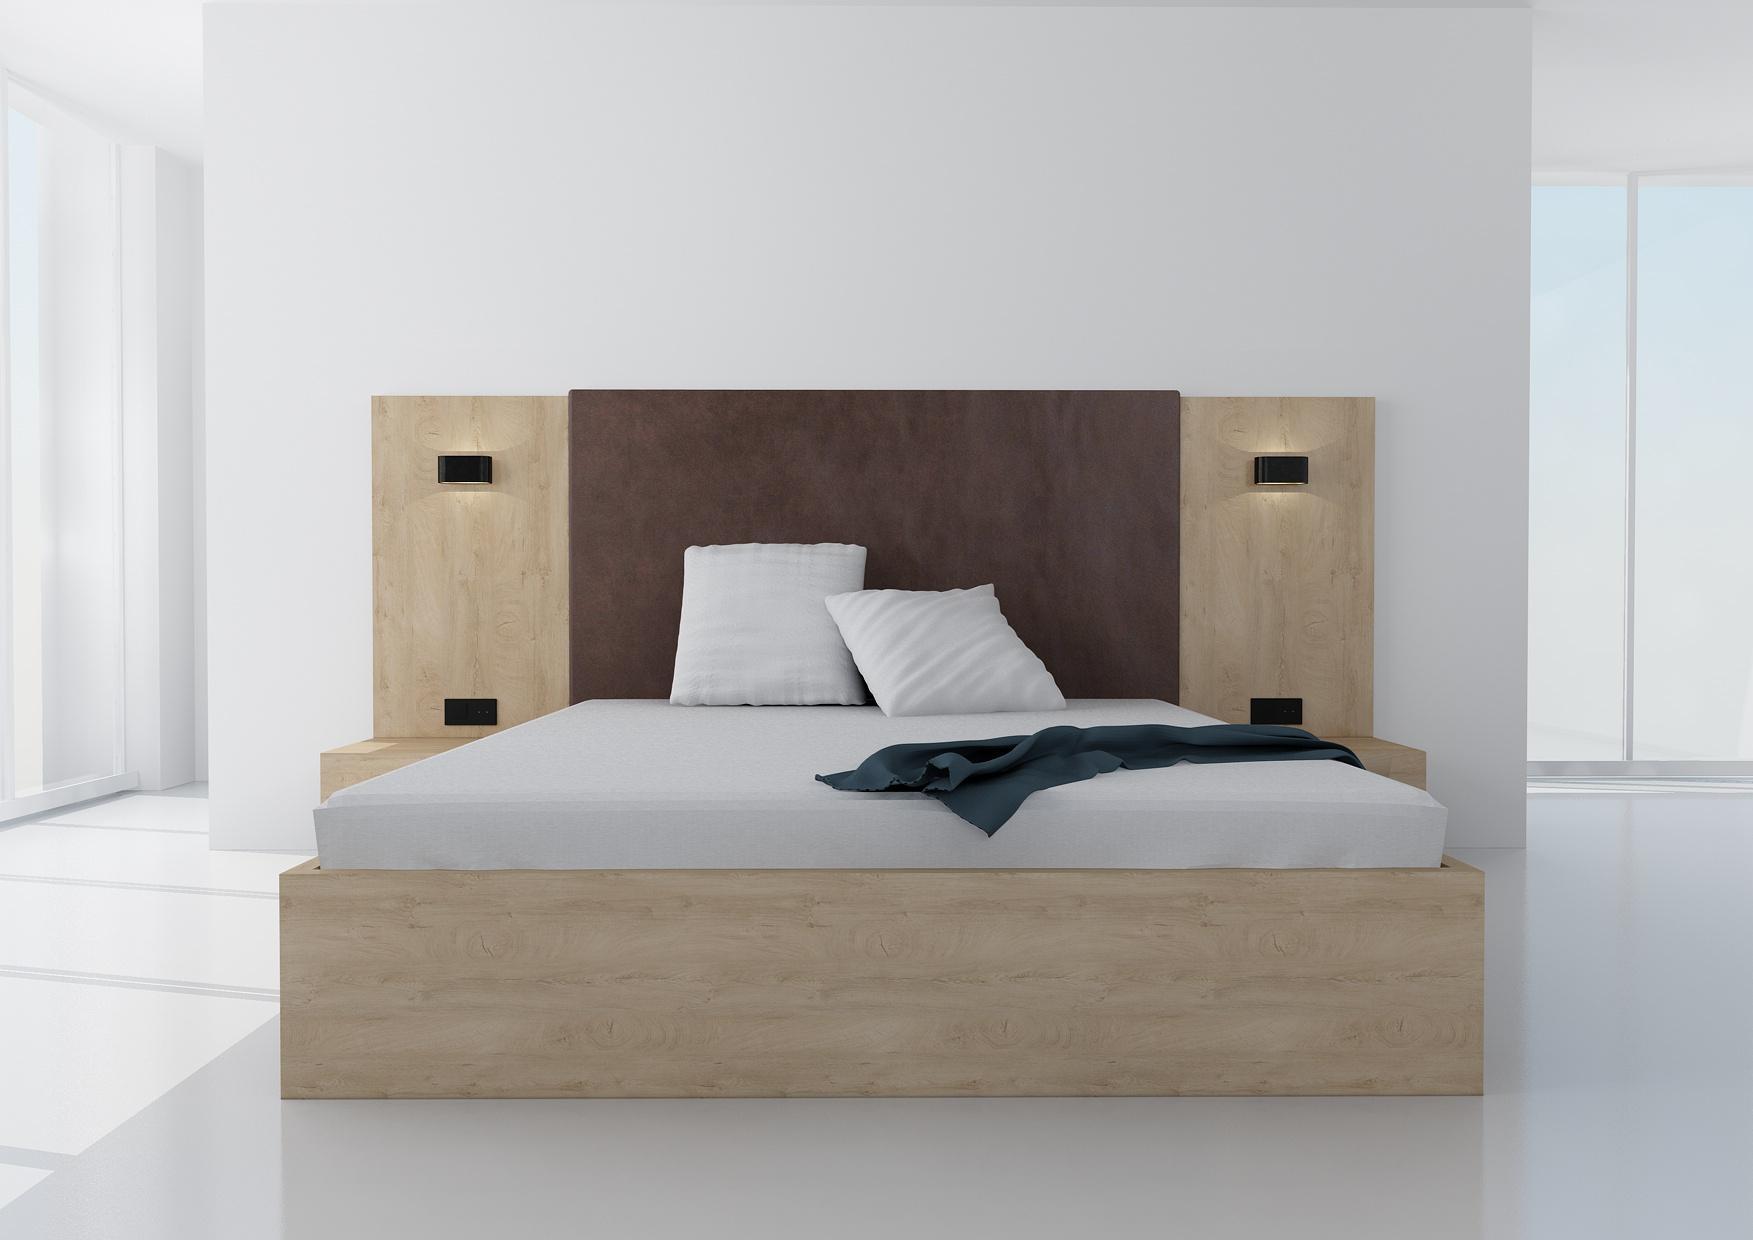 Manželská posteľ Koncepto, dub klasic, čokoládovohnedé čalúnenie, nočné stolíky, svietidlá a zásuvky